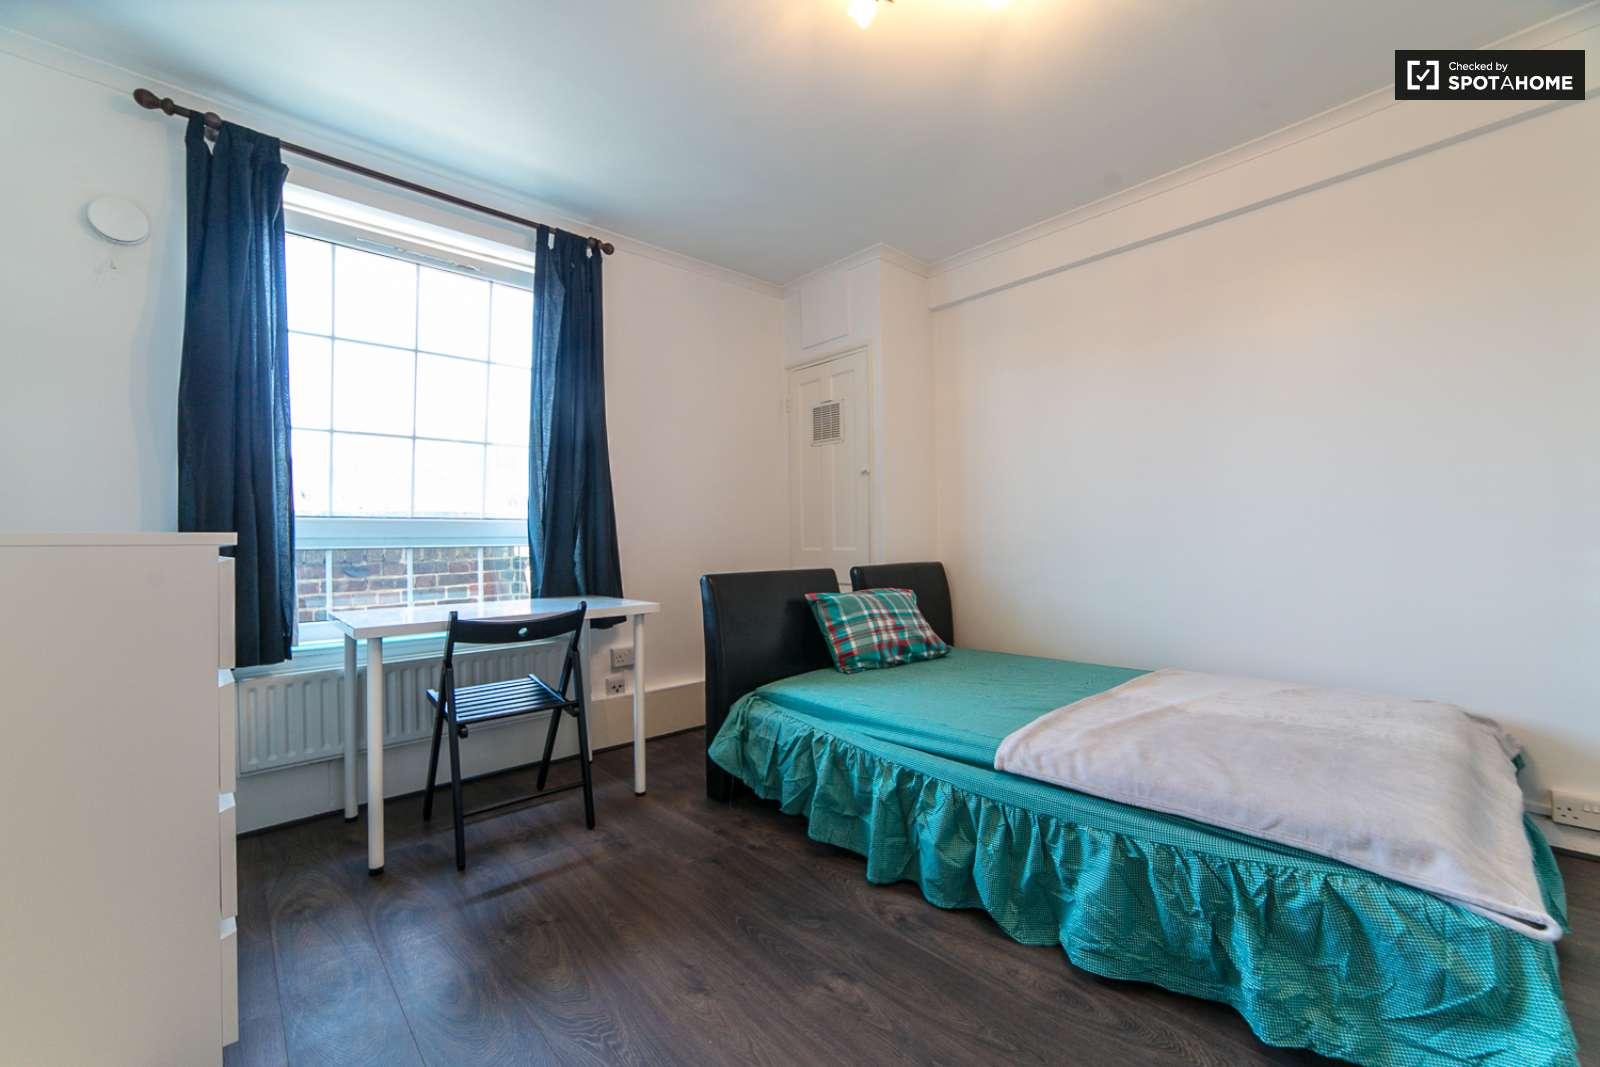 Rooms to rent in 4-bedroom flatshare in Tower Hamlets London (ref ...